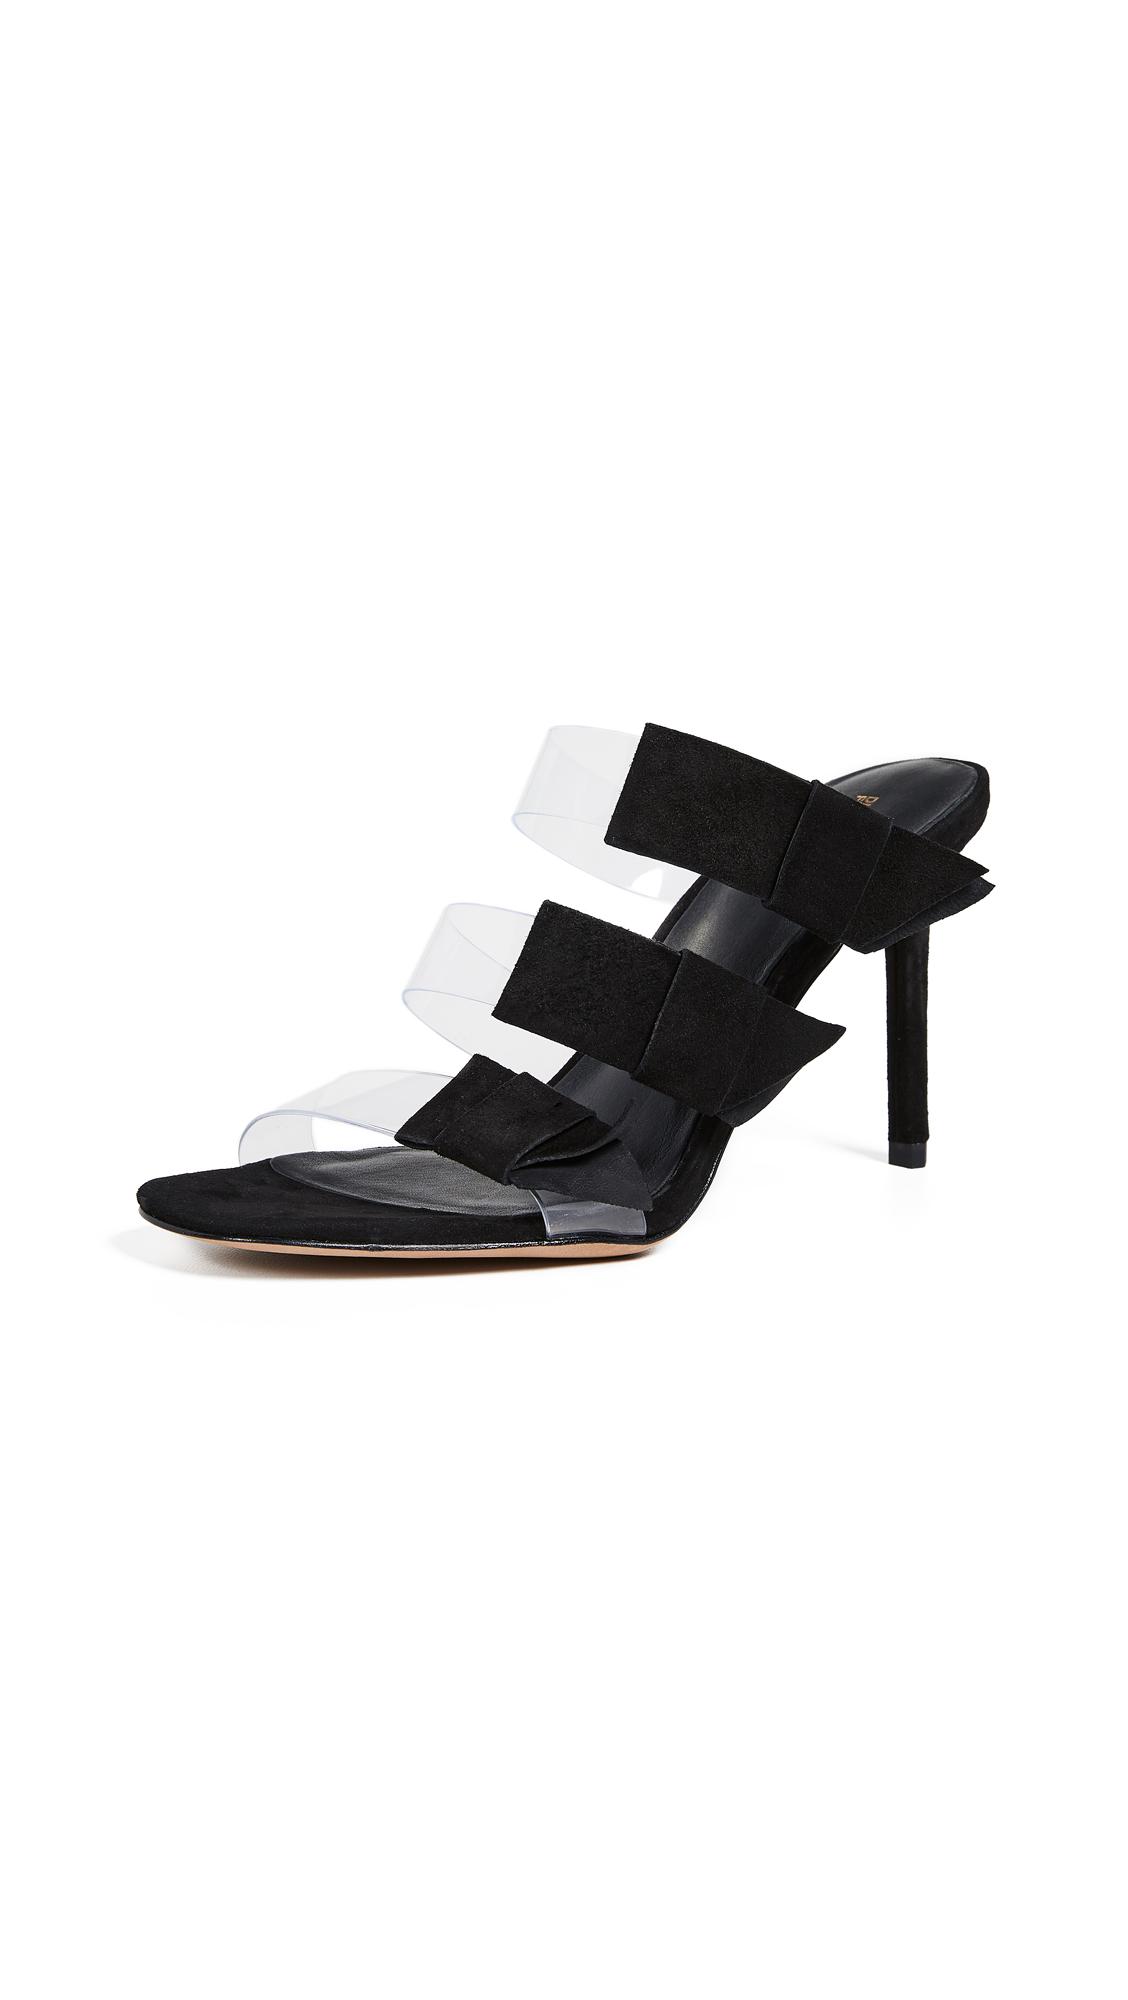 Diane von Furstenberg Amari 2 Sandals - Black